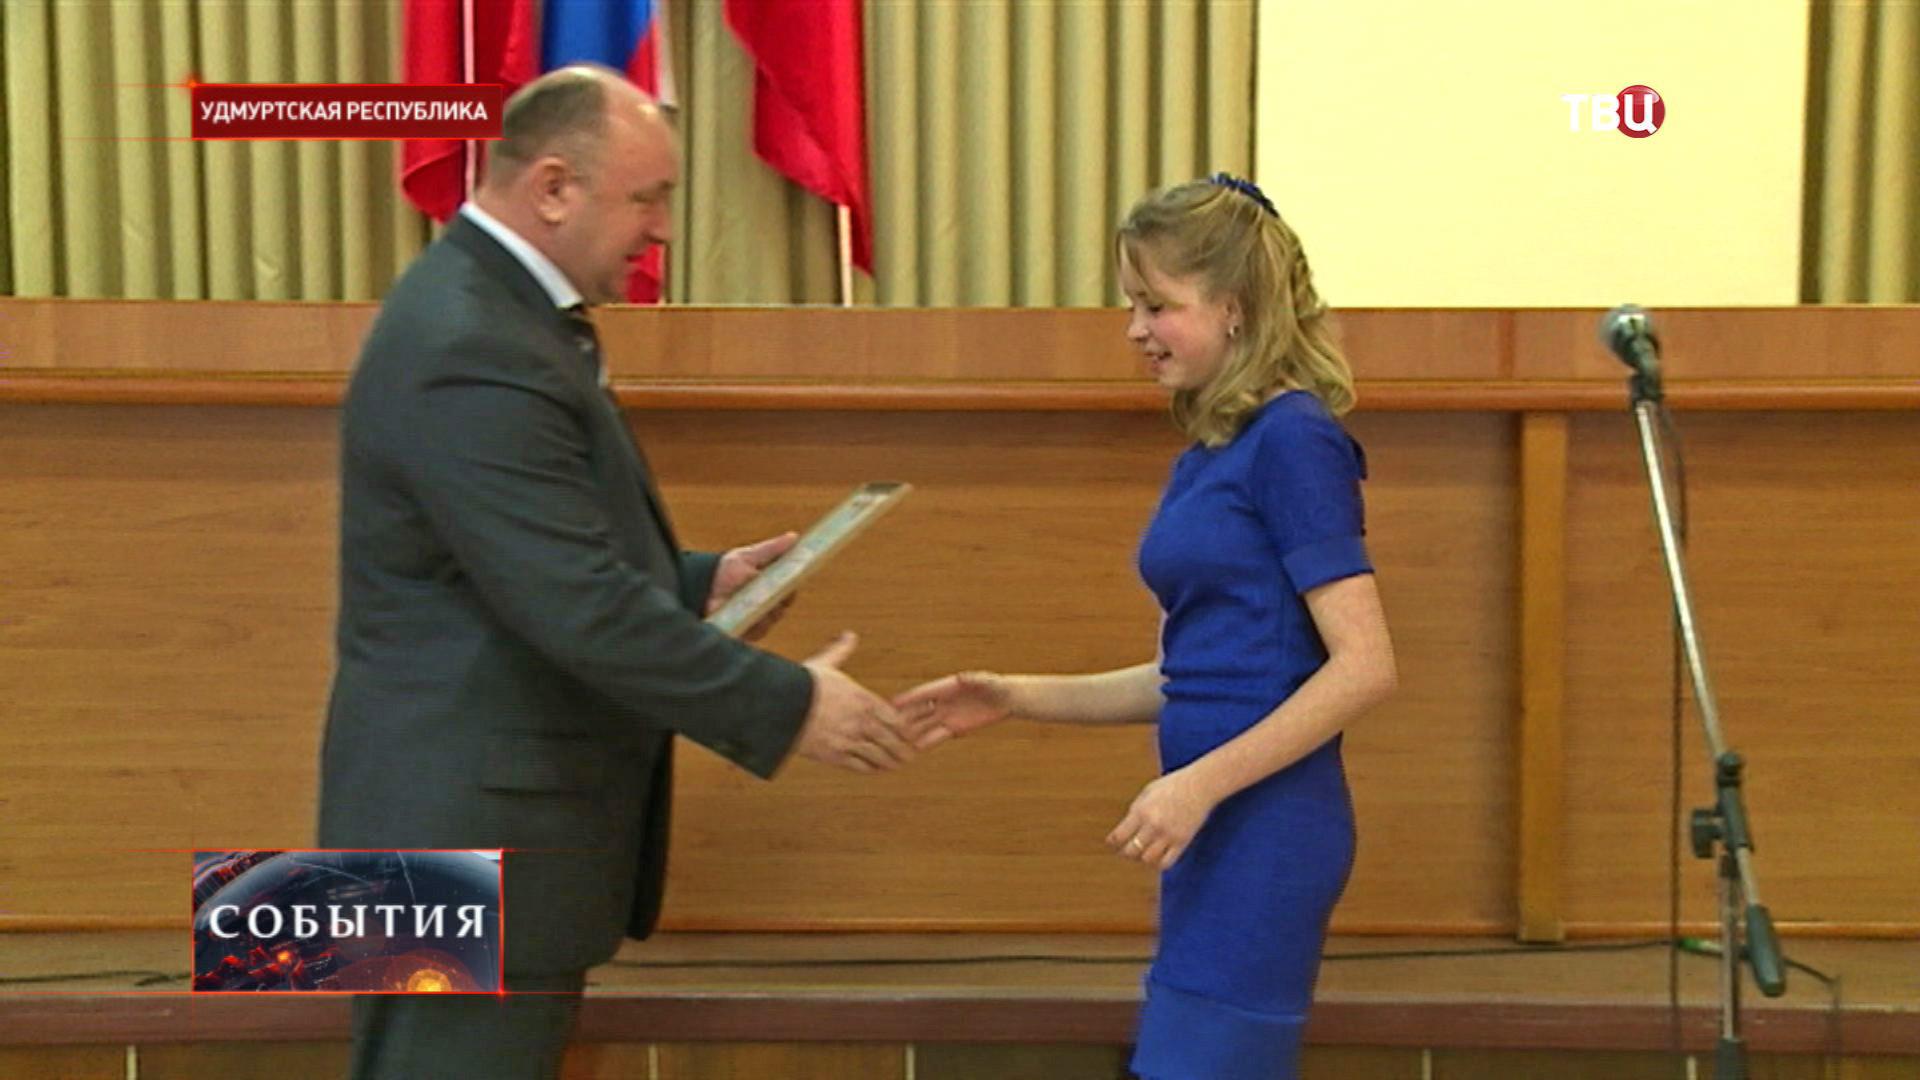 Торжественная церемония в администрации города